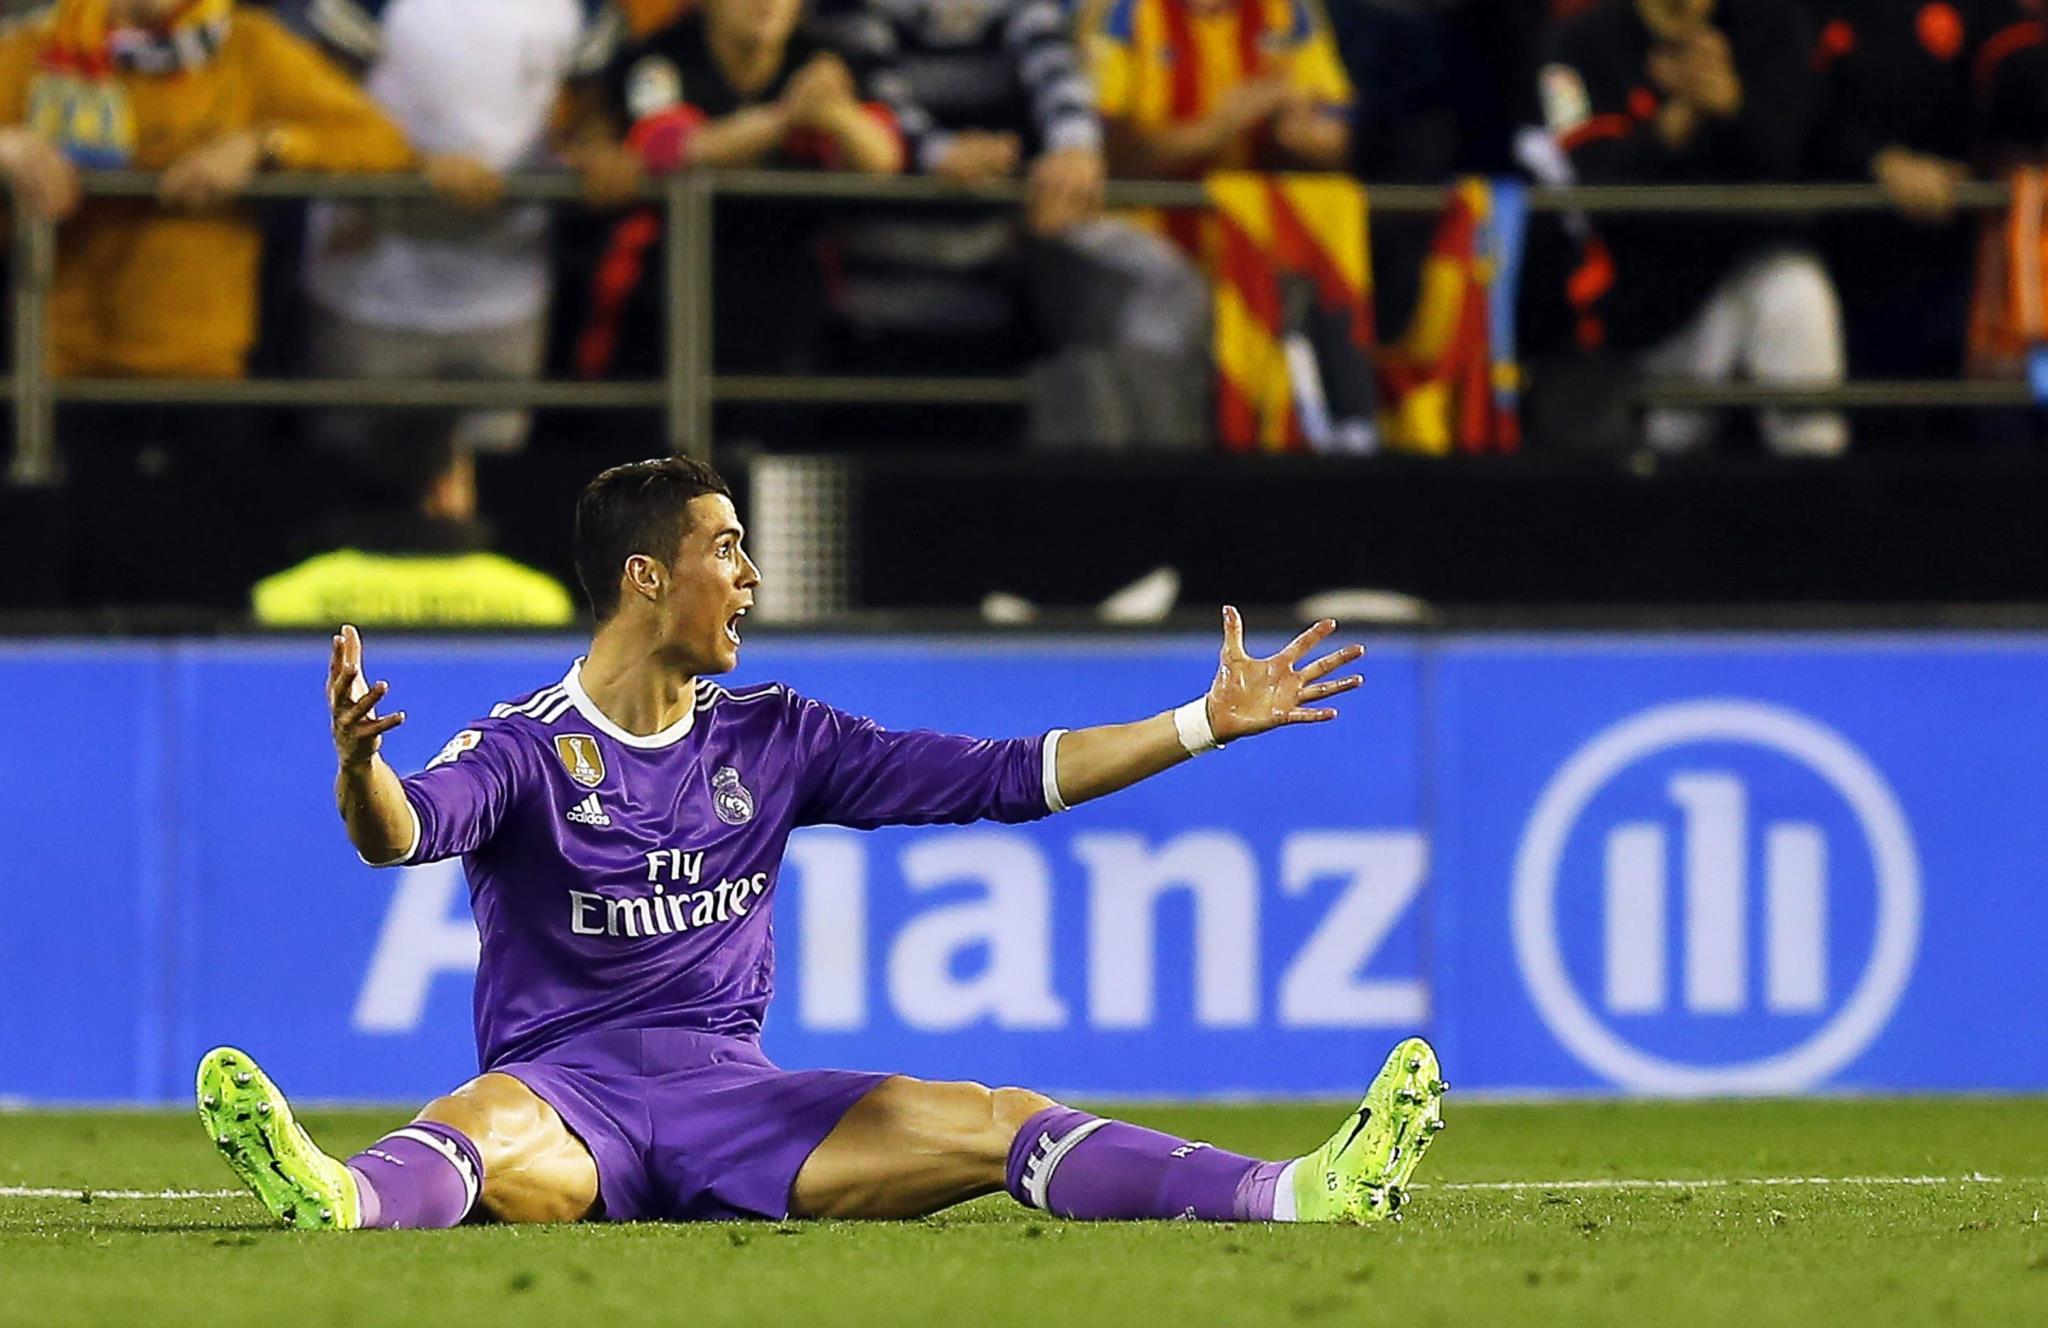 PÚBLICO - Valência, sim o Valência, derrotou o Real Madrid